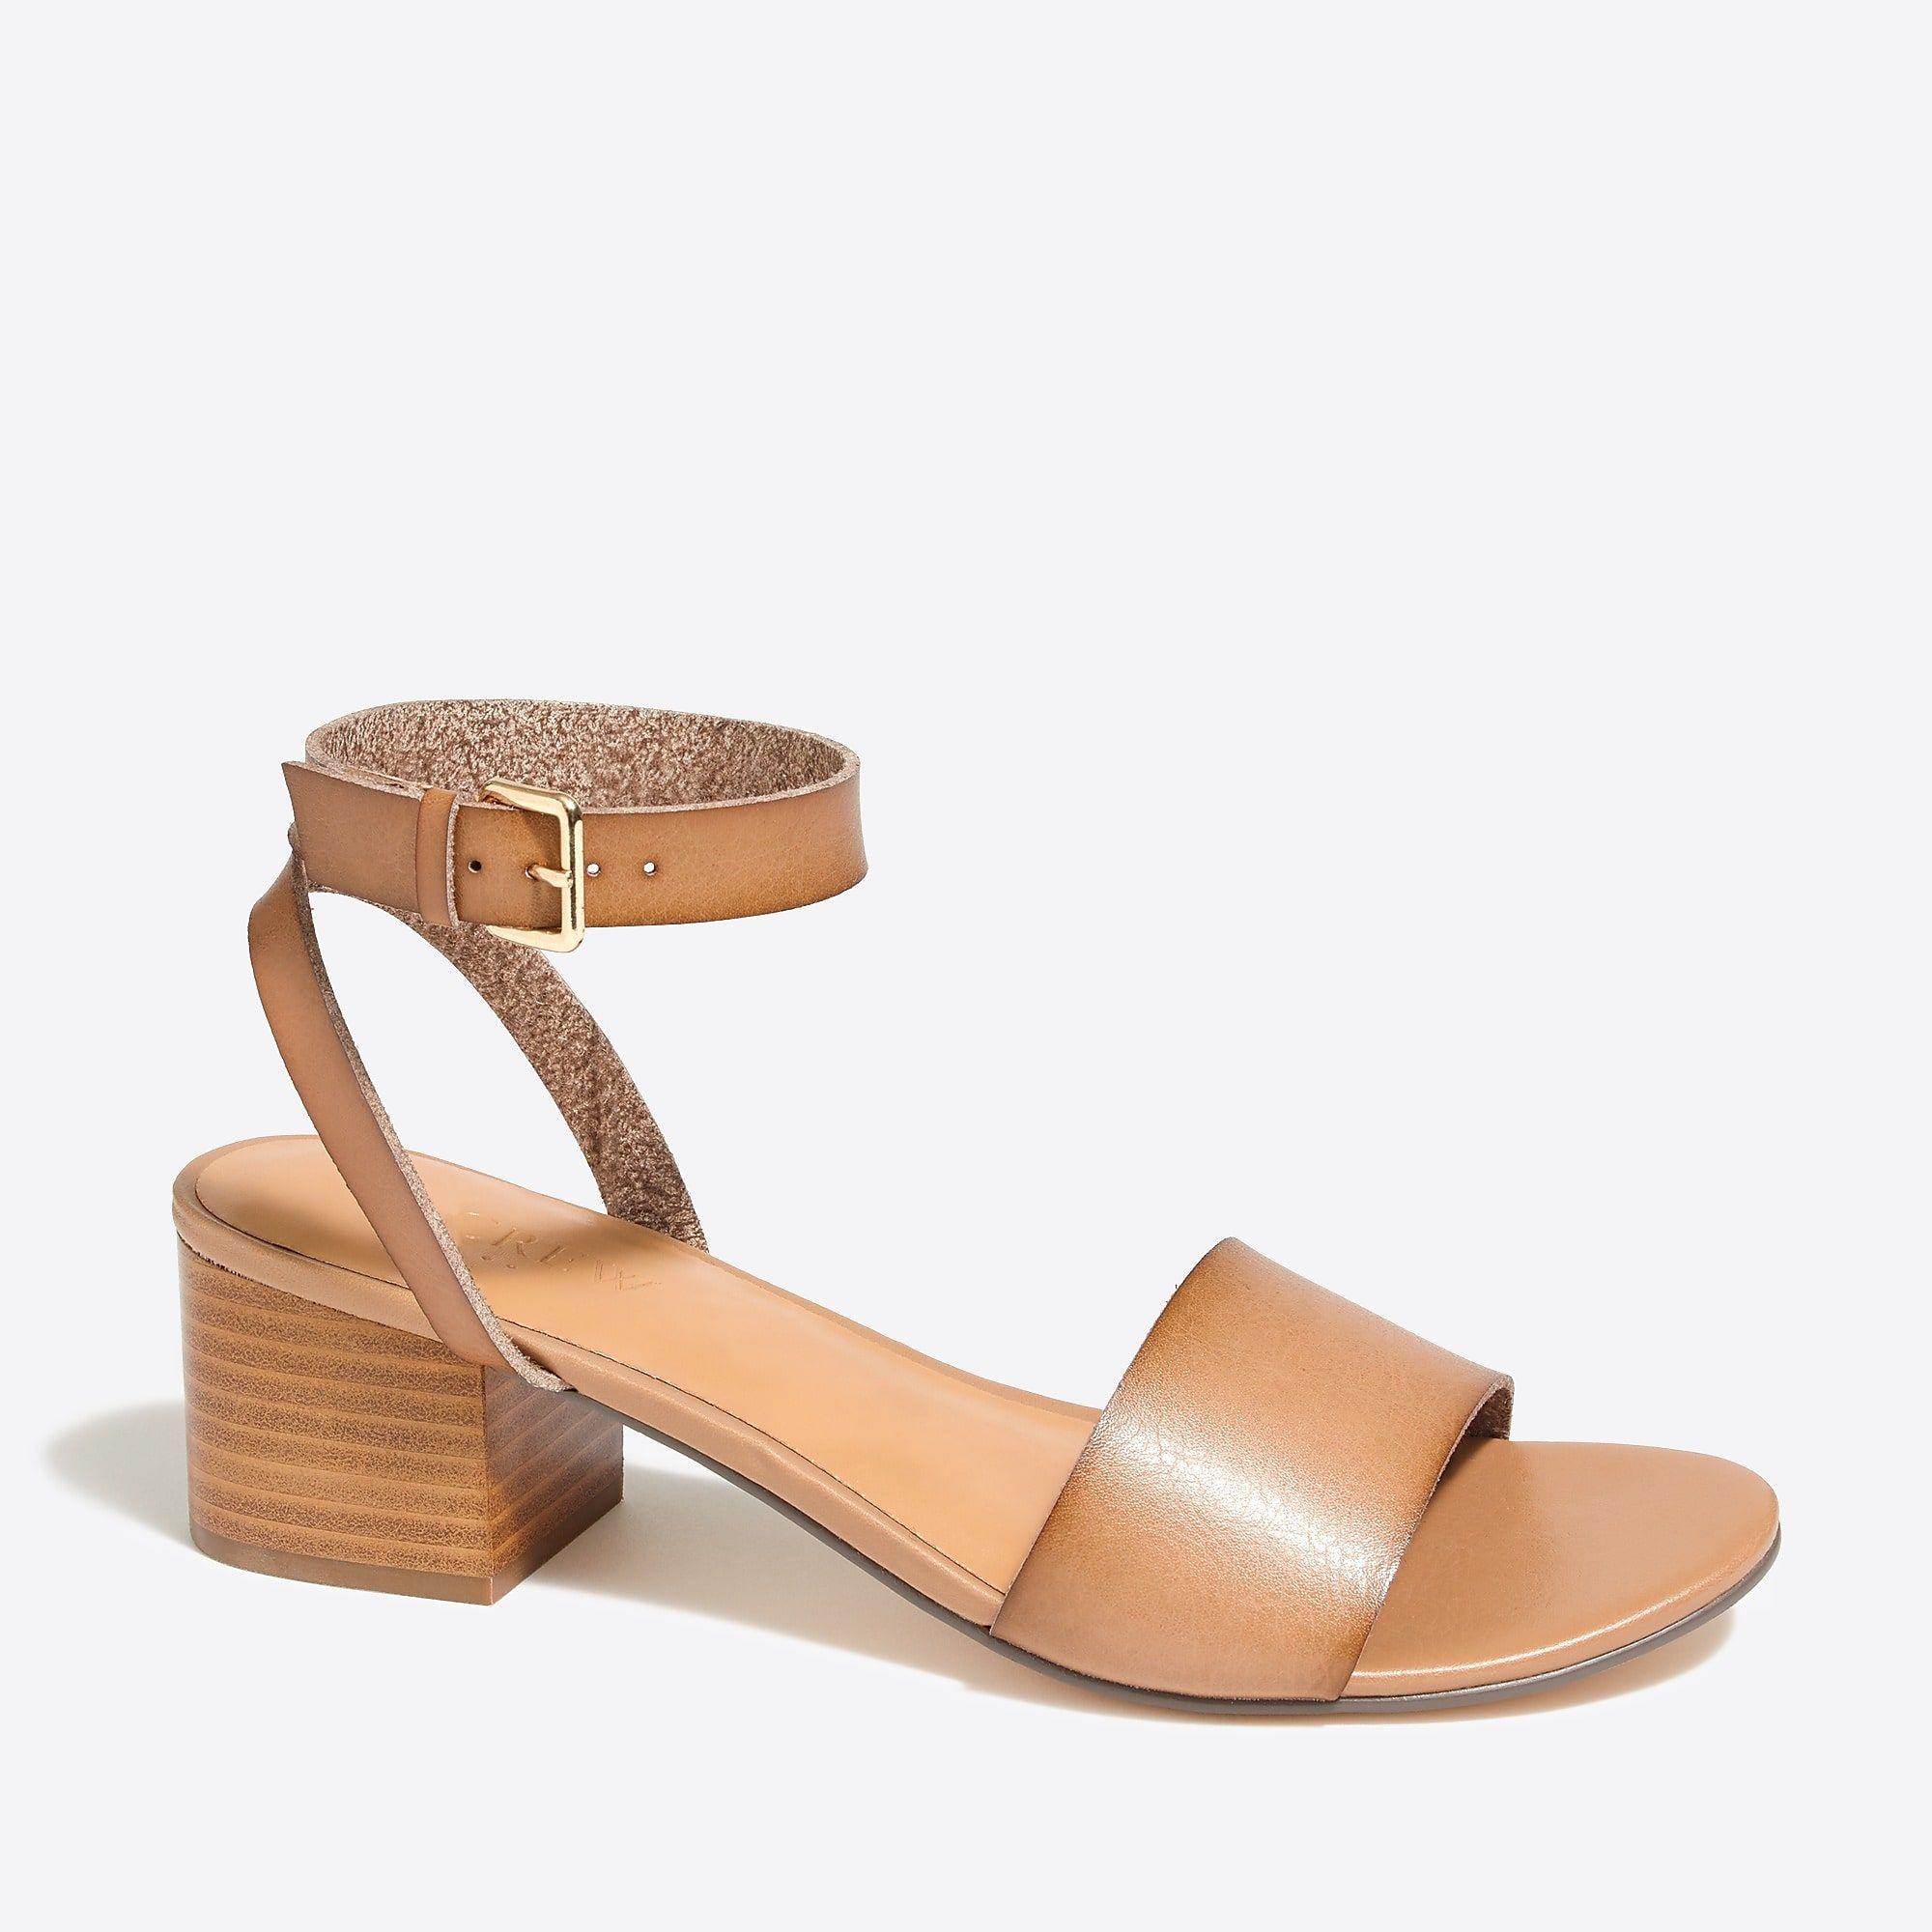 ee0683b7ad961 Block-heel sandals   FactoryWomen Heels